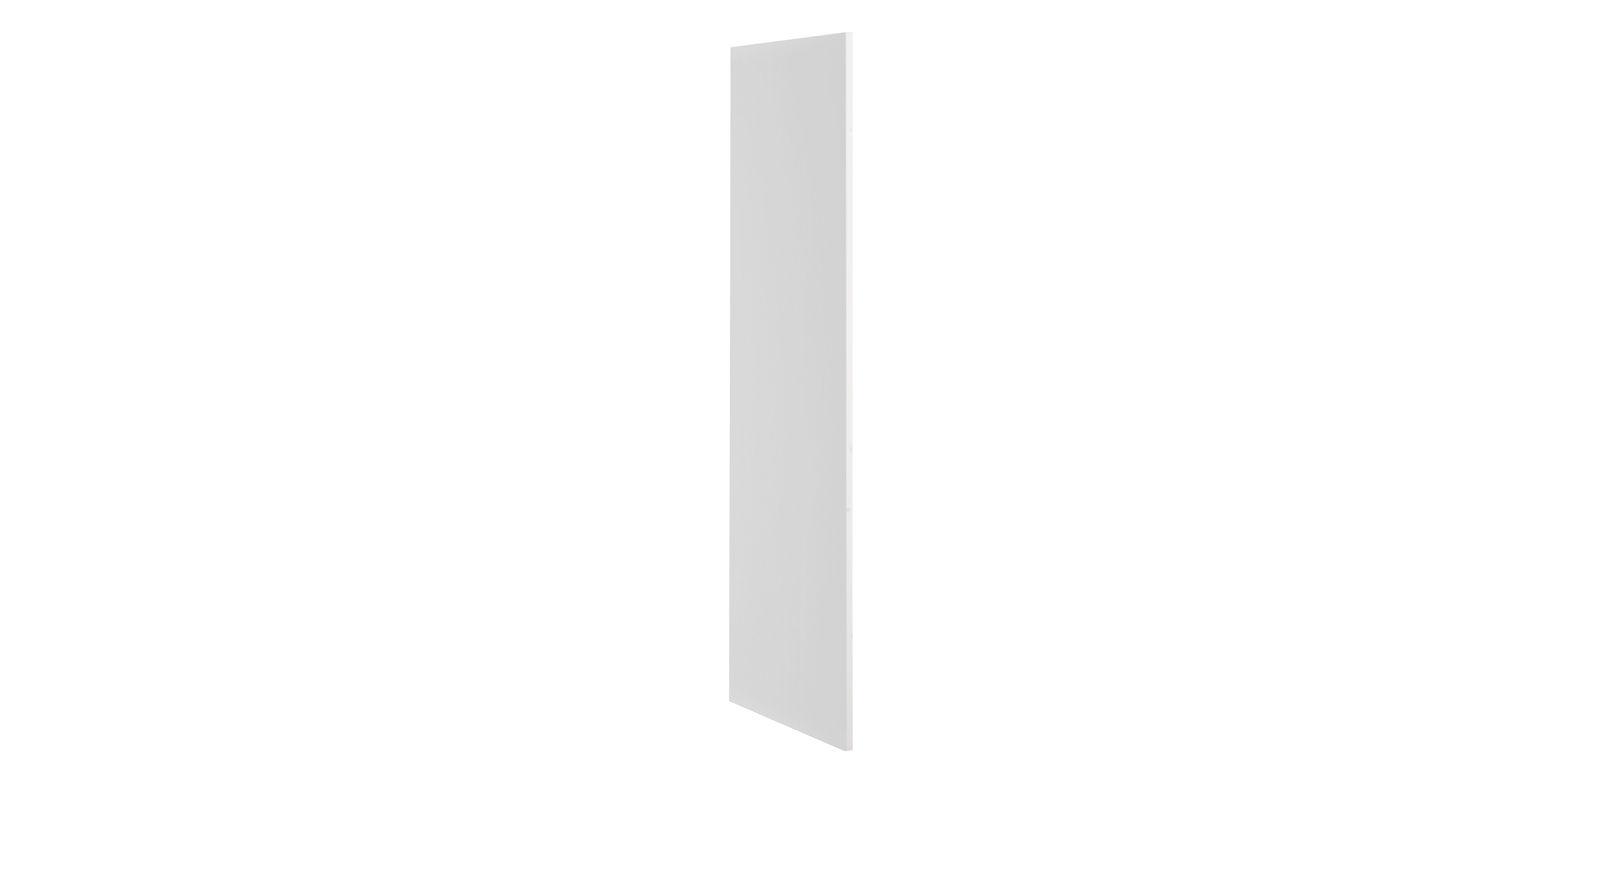 LIFETIME Kleiderschrank-Innenausstattung weiß lackierte Trennwand